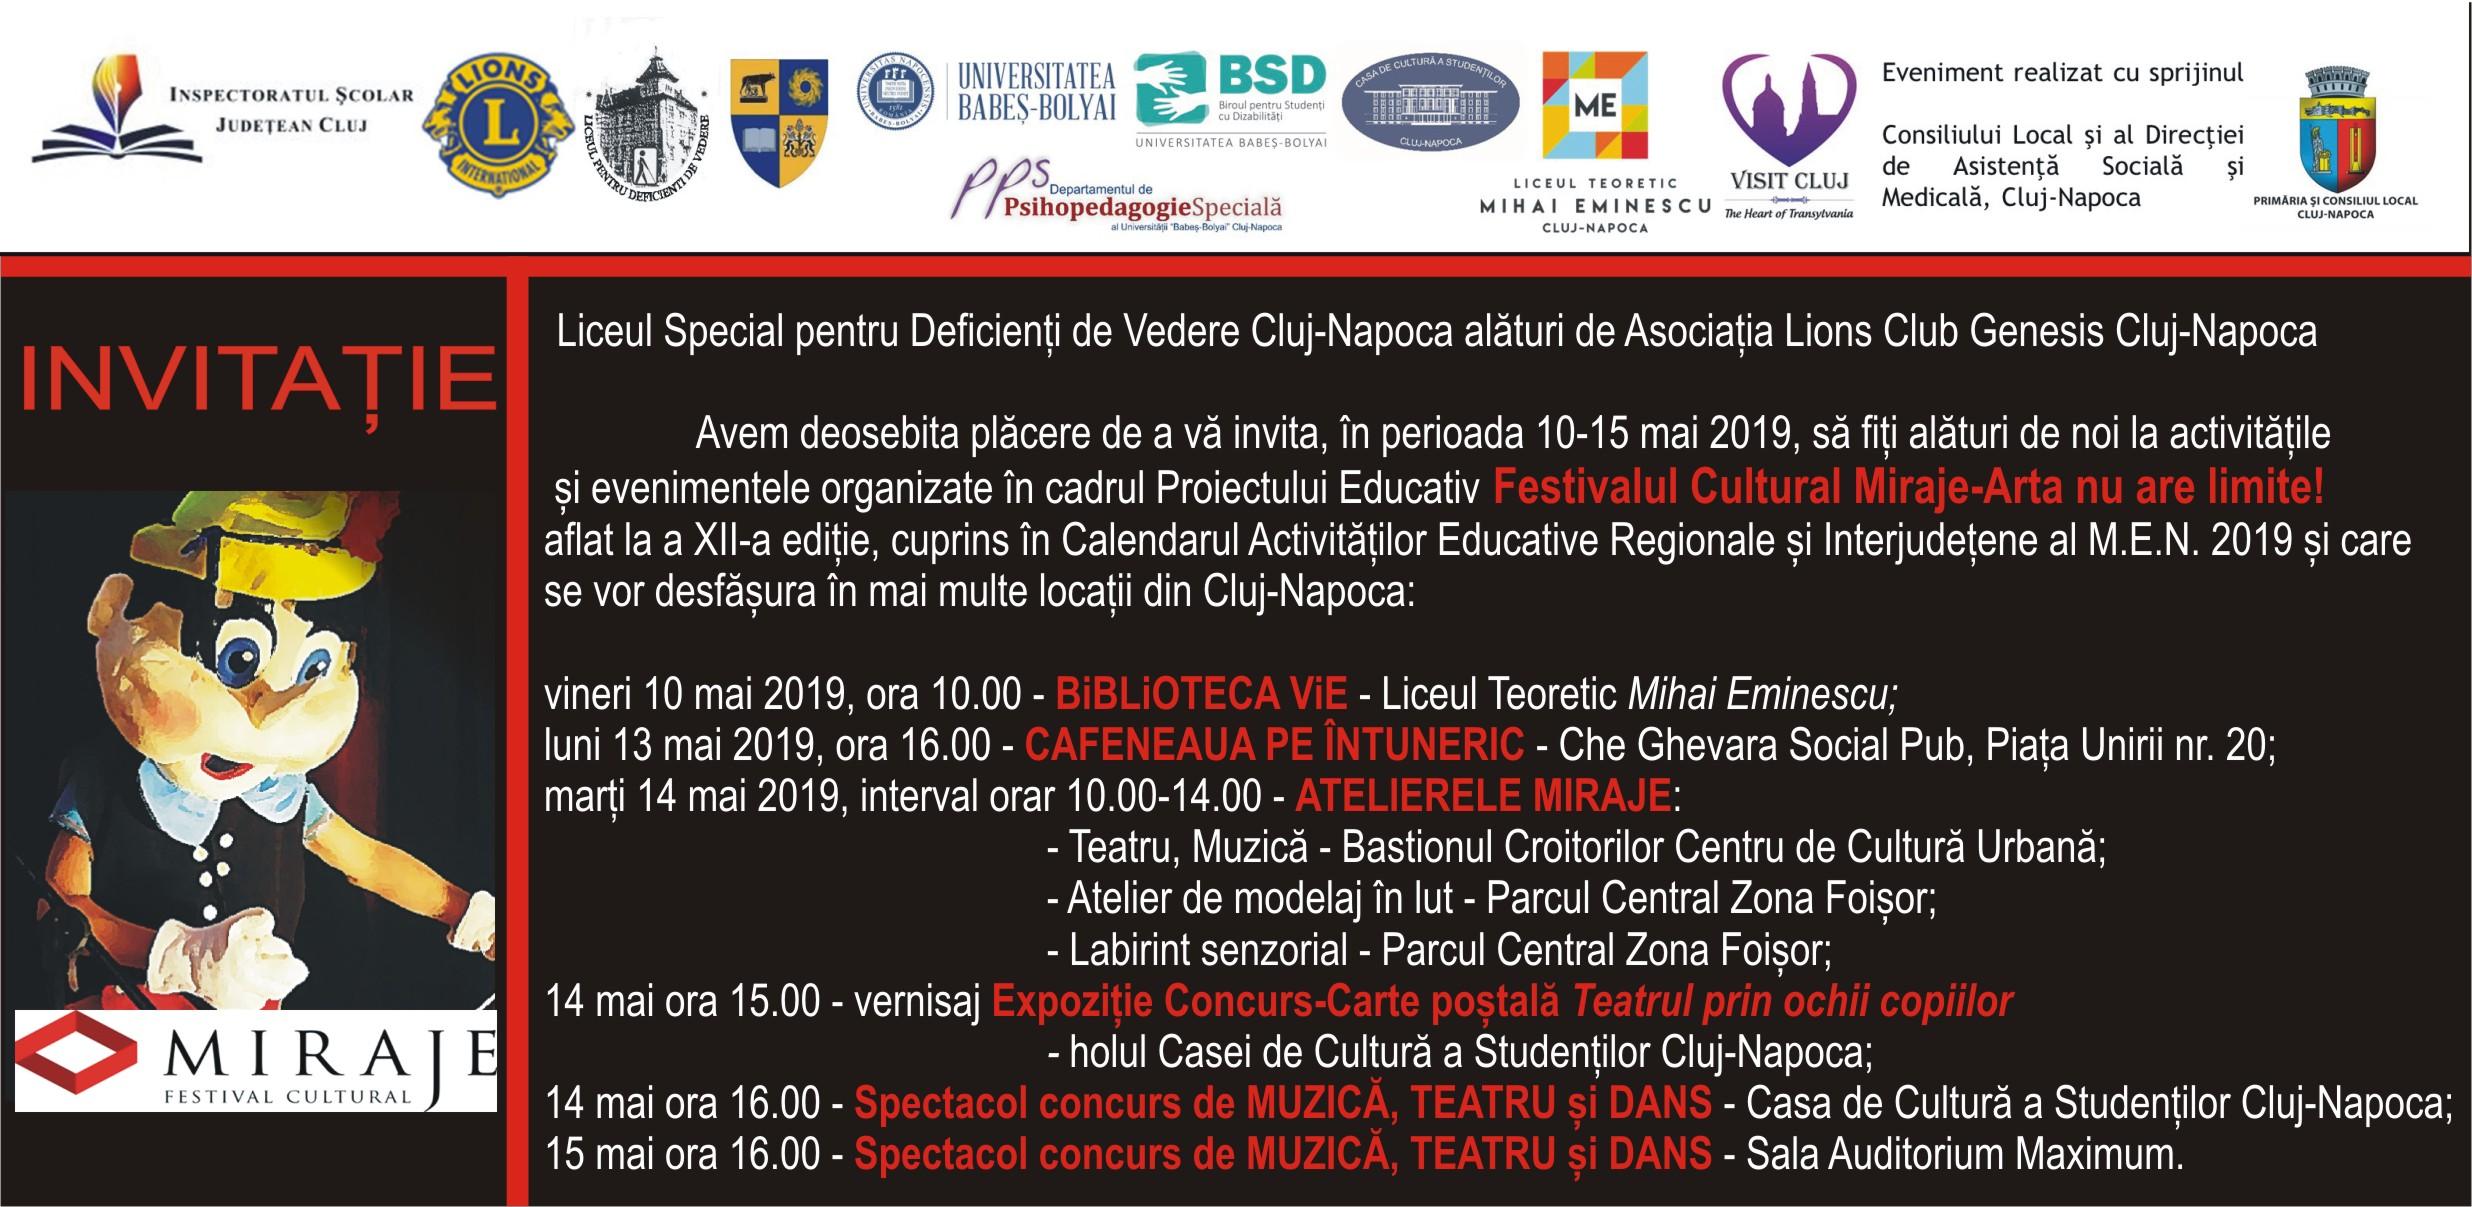 invitatie Festival Cultural Miraje 2019